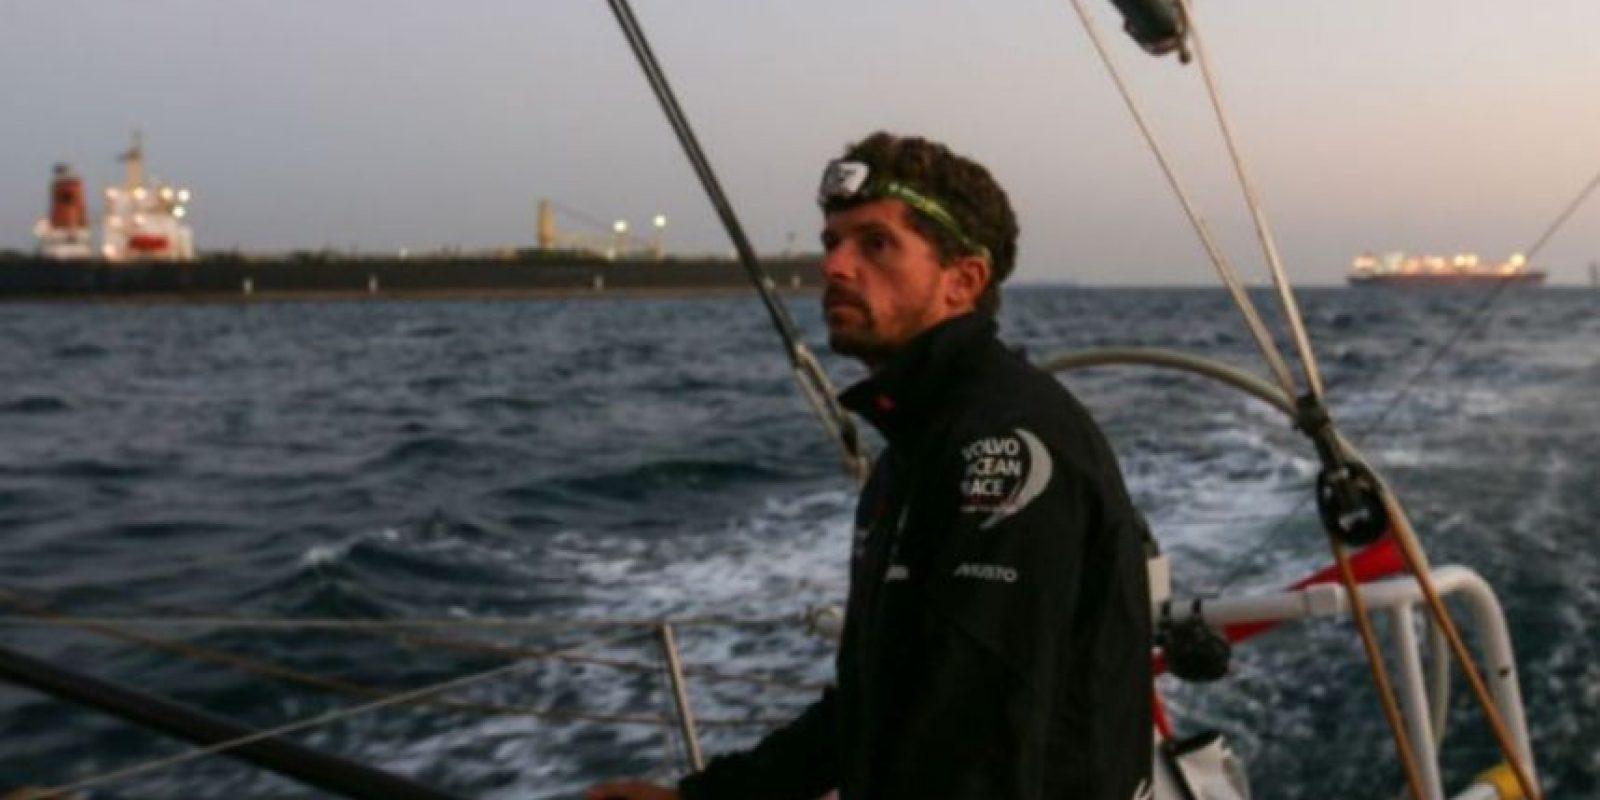 Un hombre prohibió que un equipo de rescate salvara la vida de su hija de 20 años, quien se ahogaba en aguas de Dubái, ciudad de los Emiratos Árabes Unidos. Foto:Getty Images